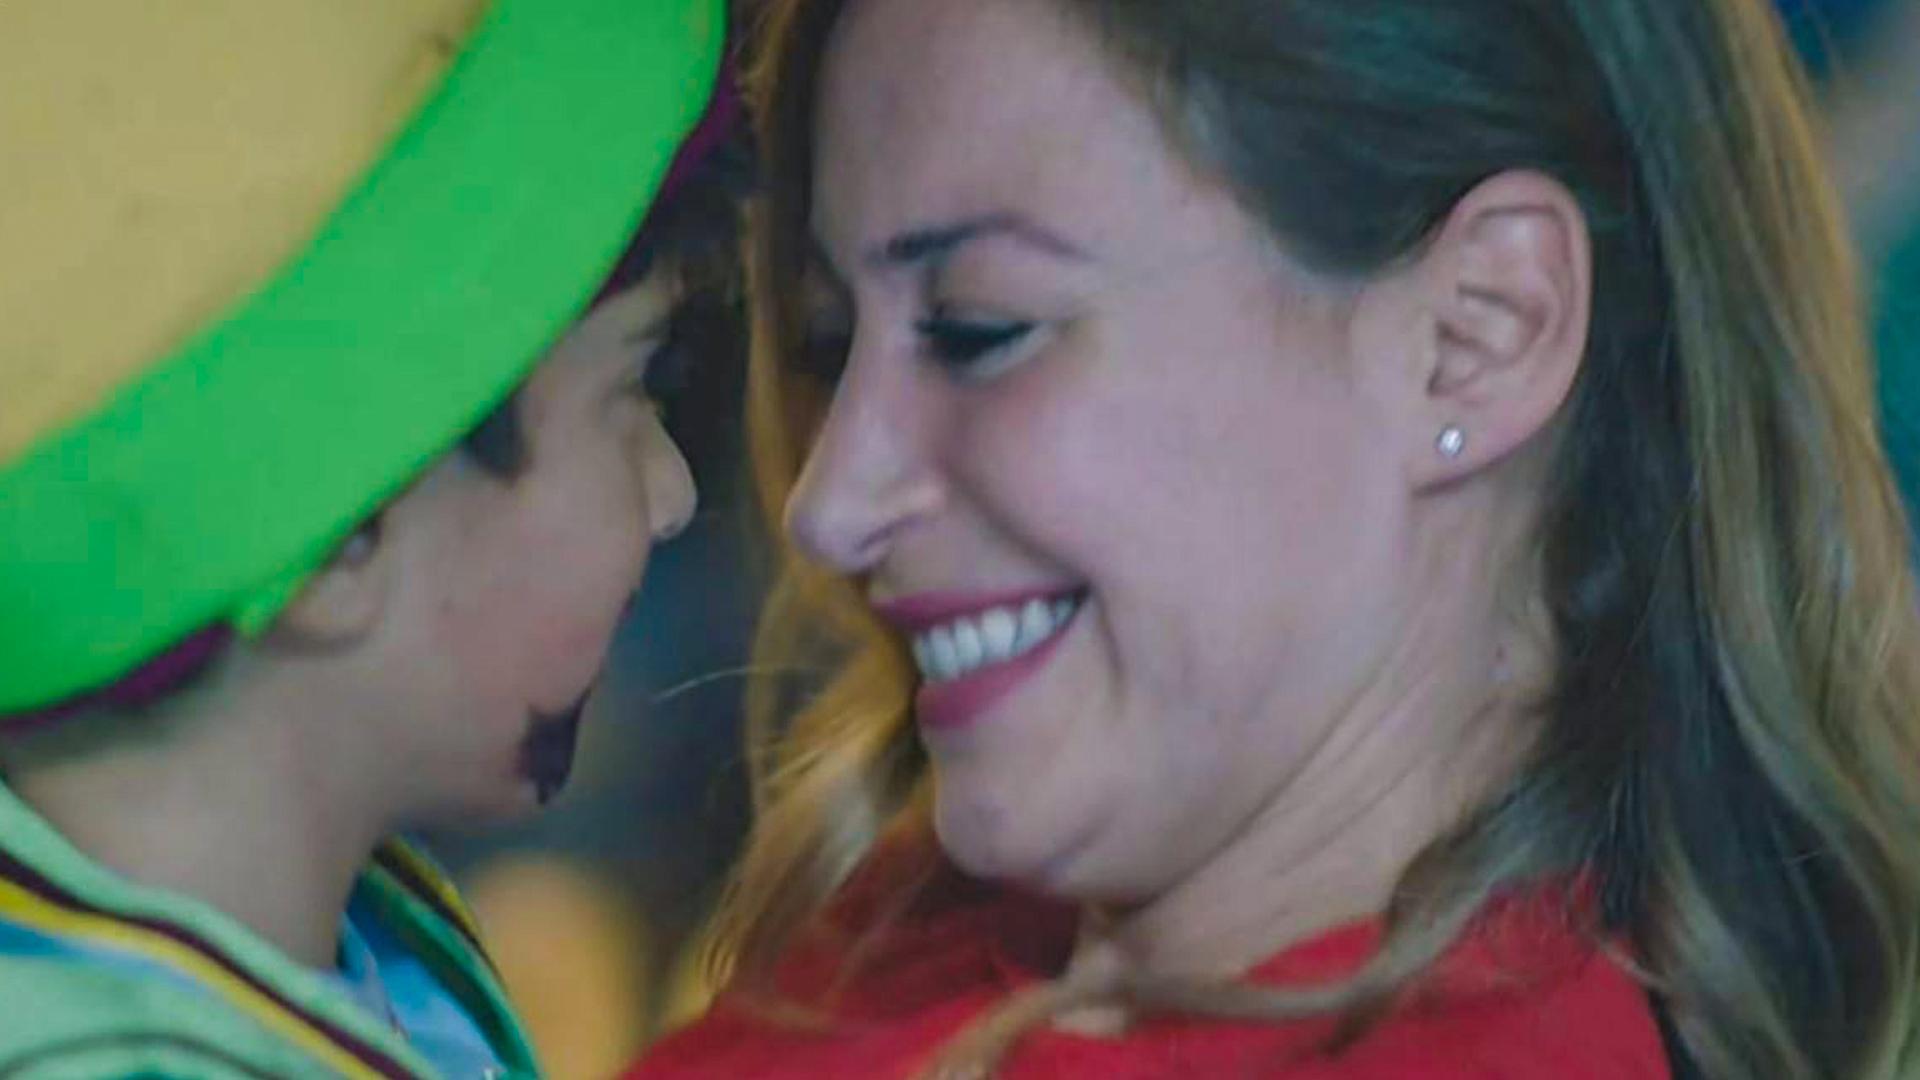 نجاح مسلسل منة شلبي في زيادة طلبات كفالة الأطفال الأيتام orphans ورعايتهم